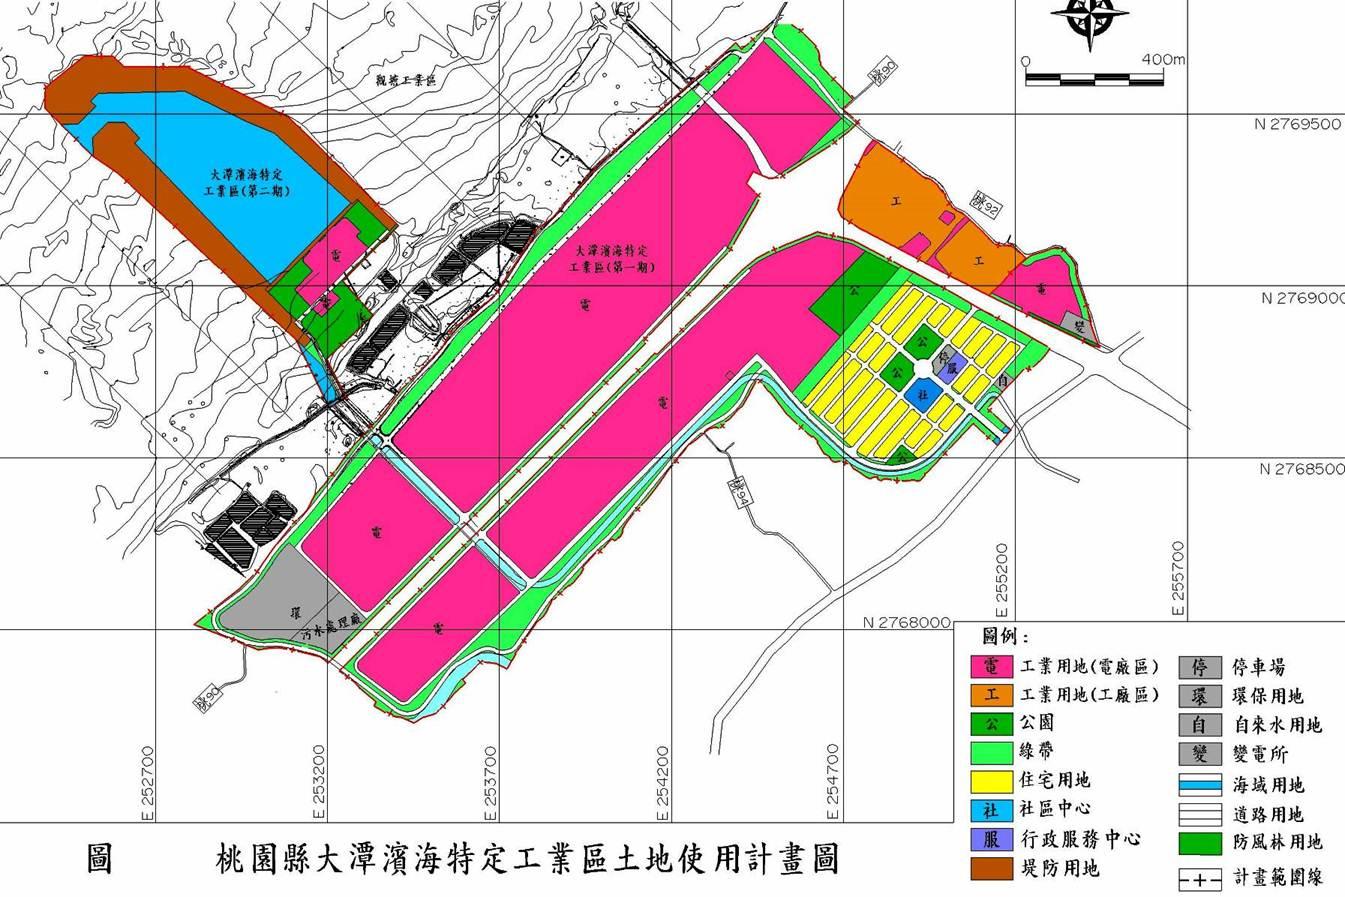 桃園市大潭濱海特定工業區土地使用計畫圖